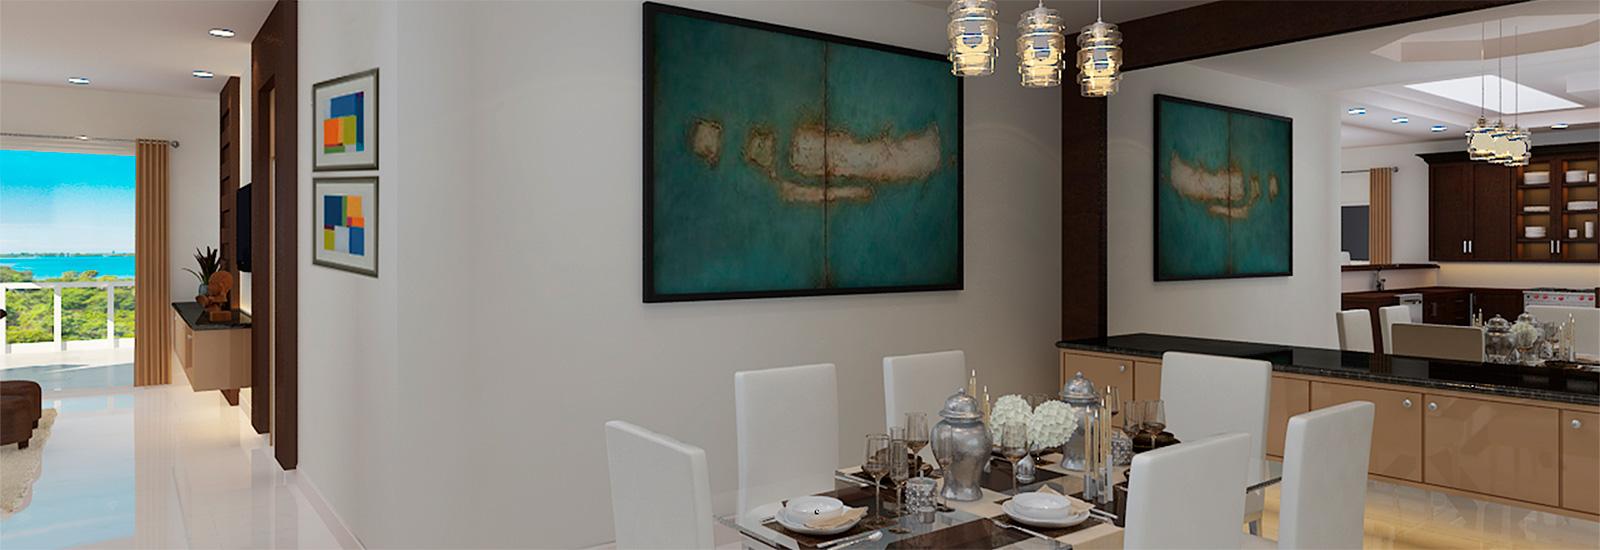 1600x550-EdgewaterHB-dining.jpg